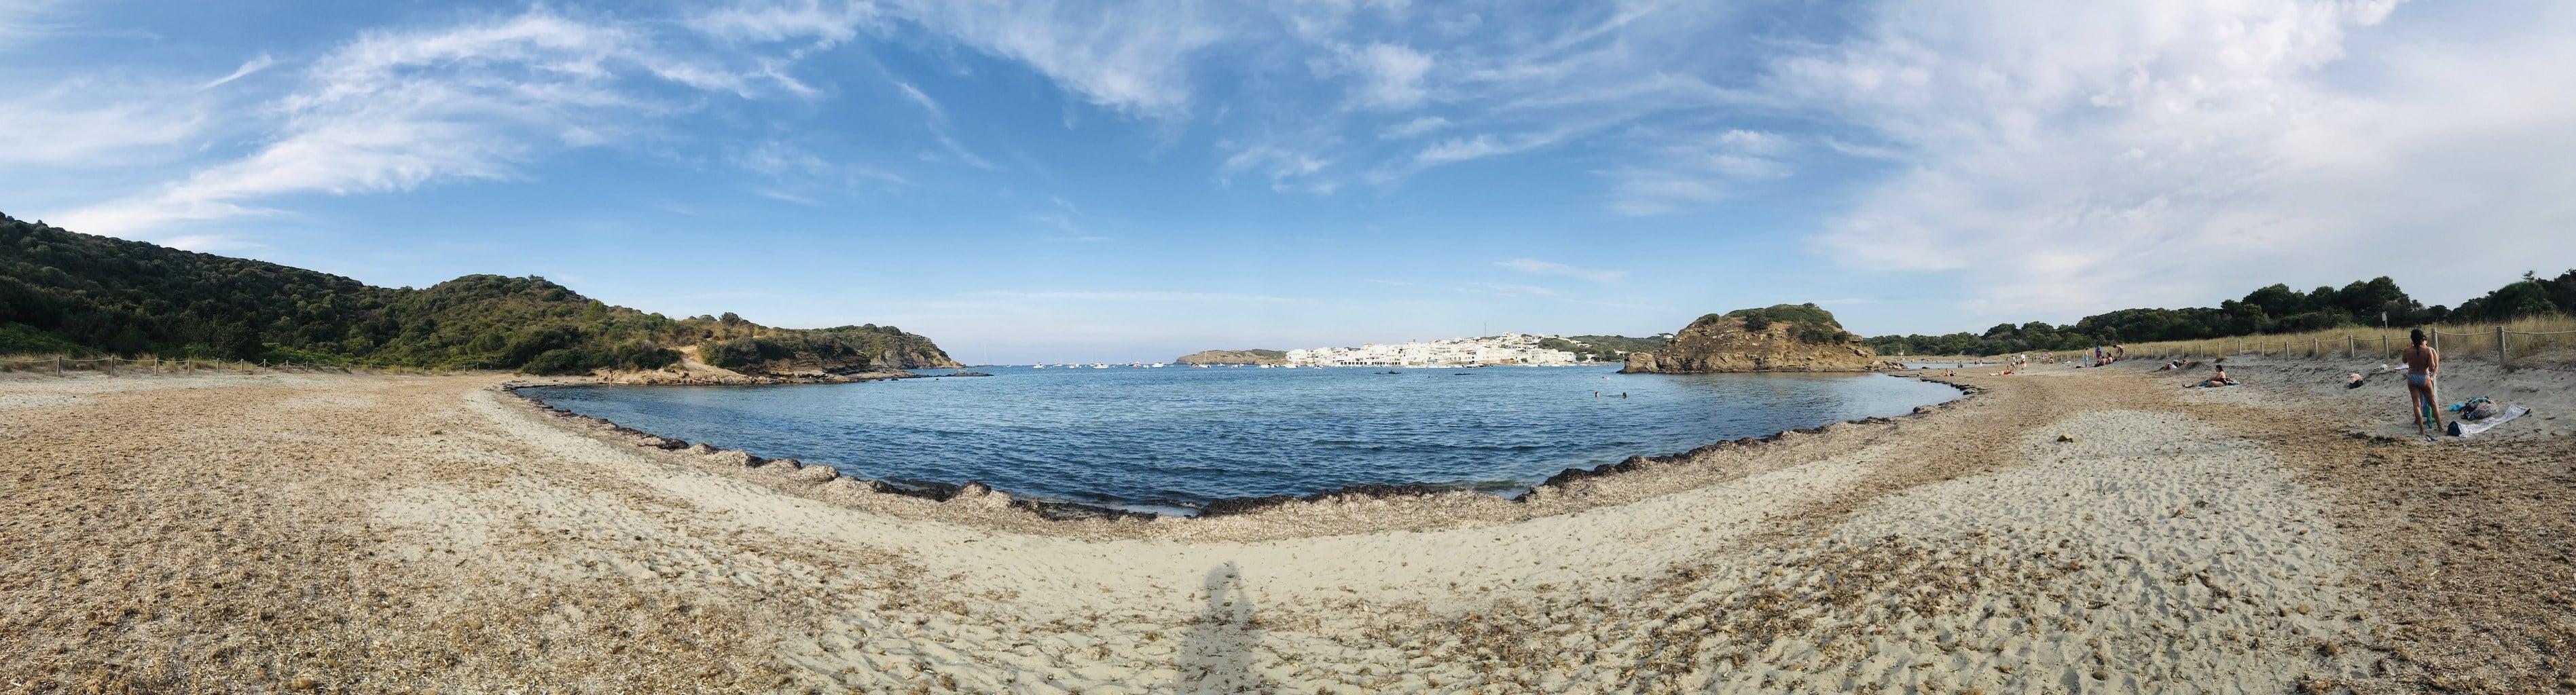 Playa fotografiada con móvil en formato panorámico